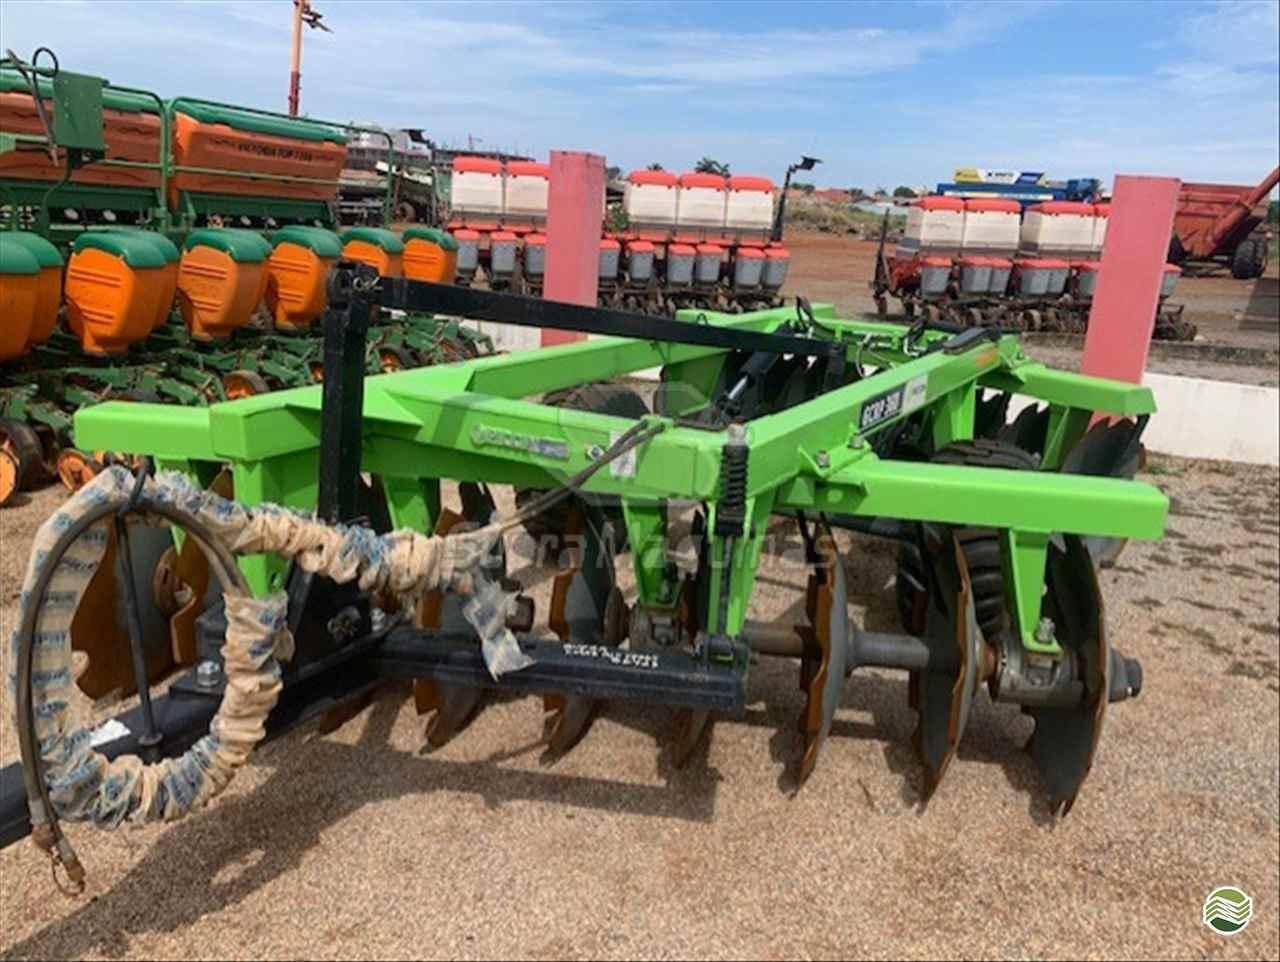 IMPLEMENTOS AGRICOLAS GRADE INTERMEDIÁRIA INTERMEDIÁRIA 18 DISCOS Supra Máquinas LUCAS DO RIO VERDE MATO GROSSO MT